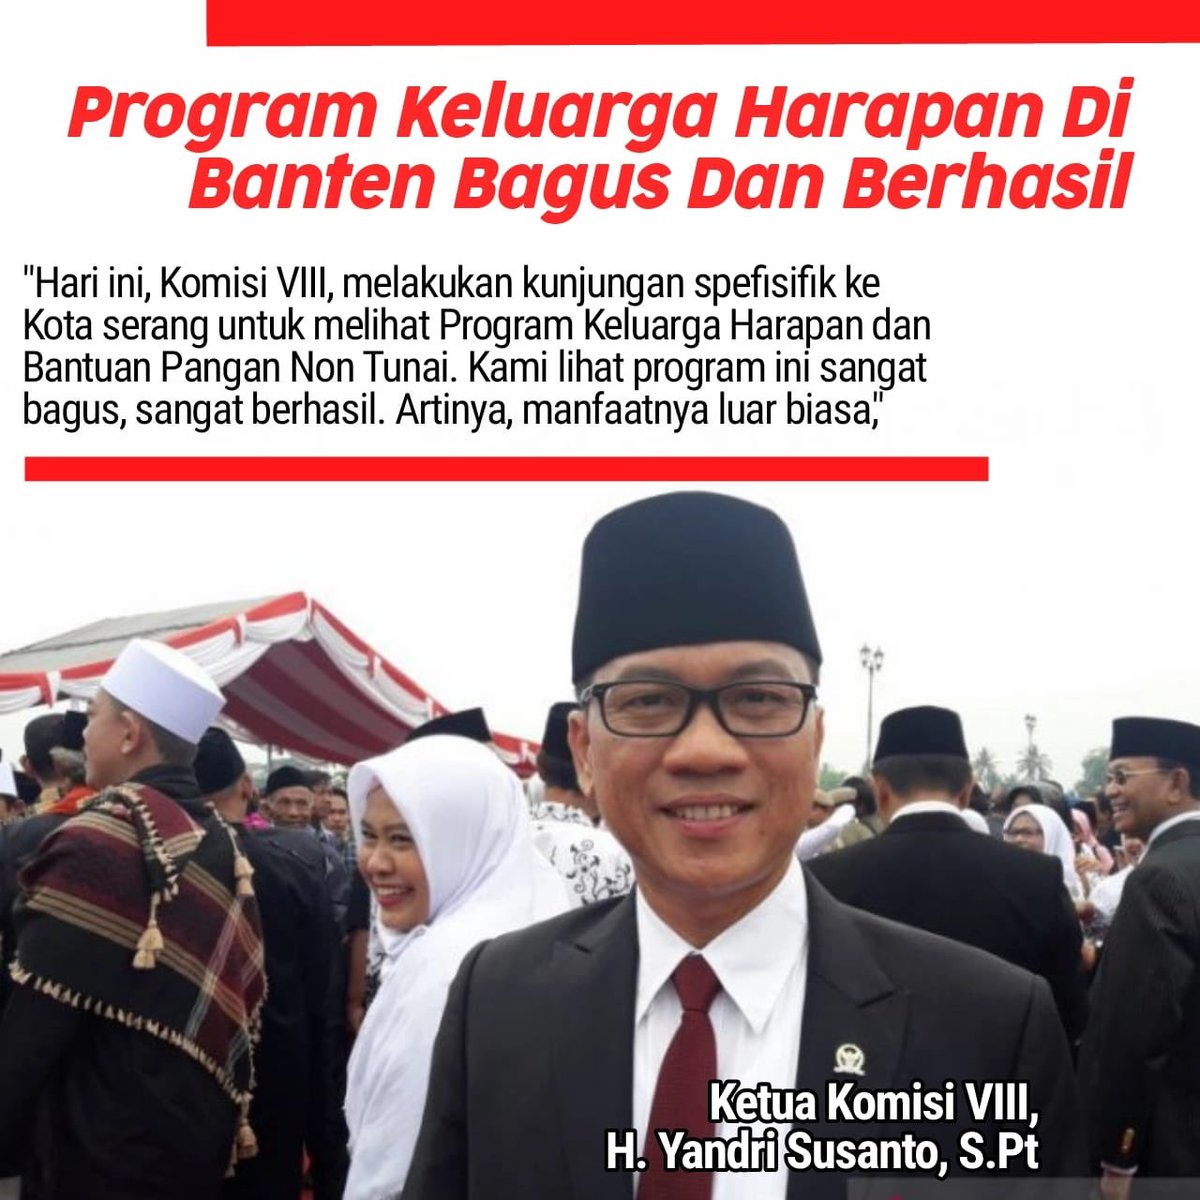 Komisi VIII DPR Puji Pemerintah Terkait Keberhasilan Program keluarga Harapan di Banten #SobatSosial